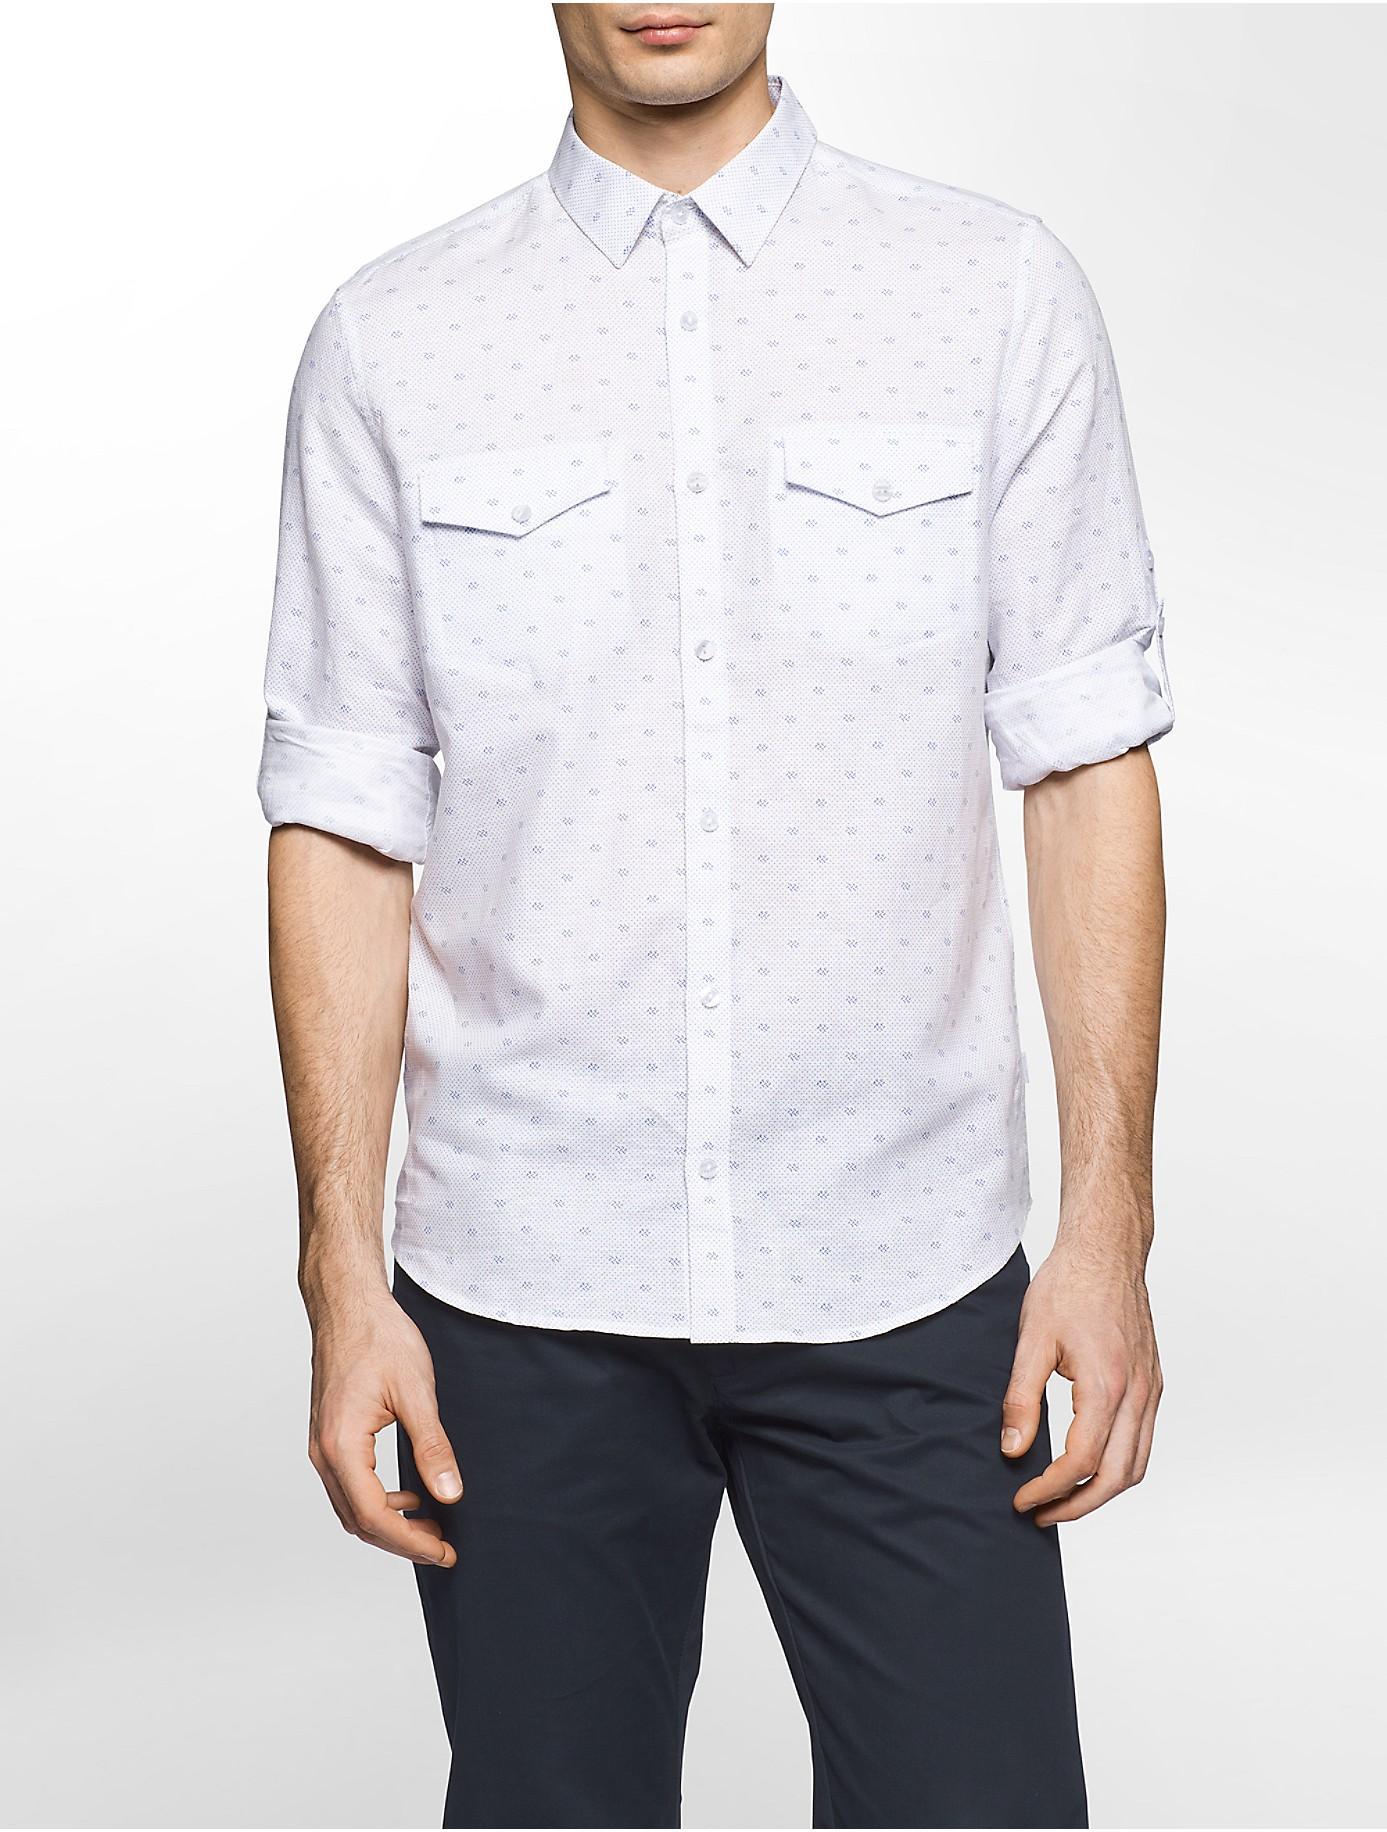 Calvin klein slim fit linen cotton roll up shirt in white for Slim fit white linen shirt